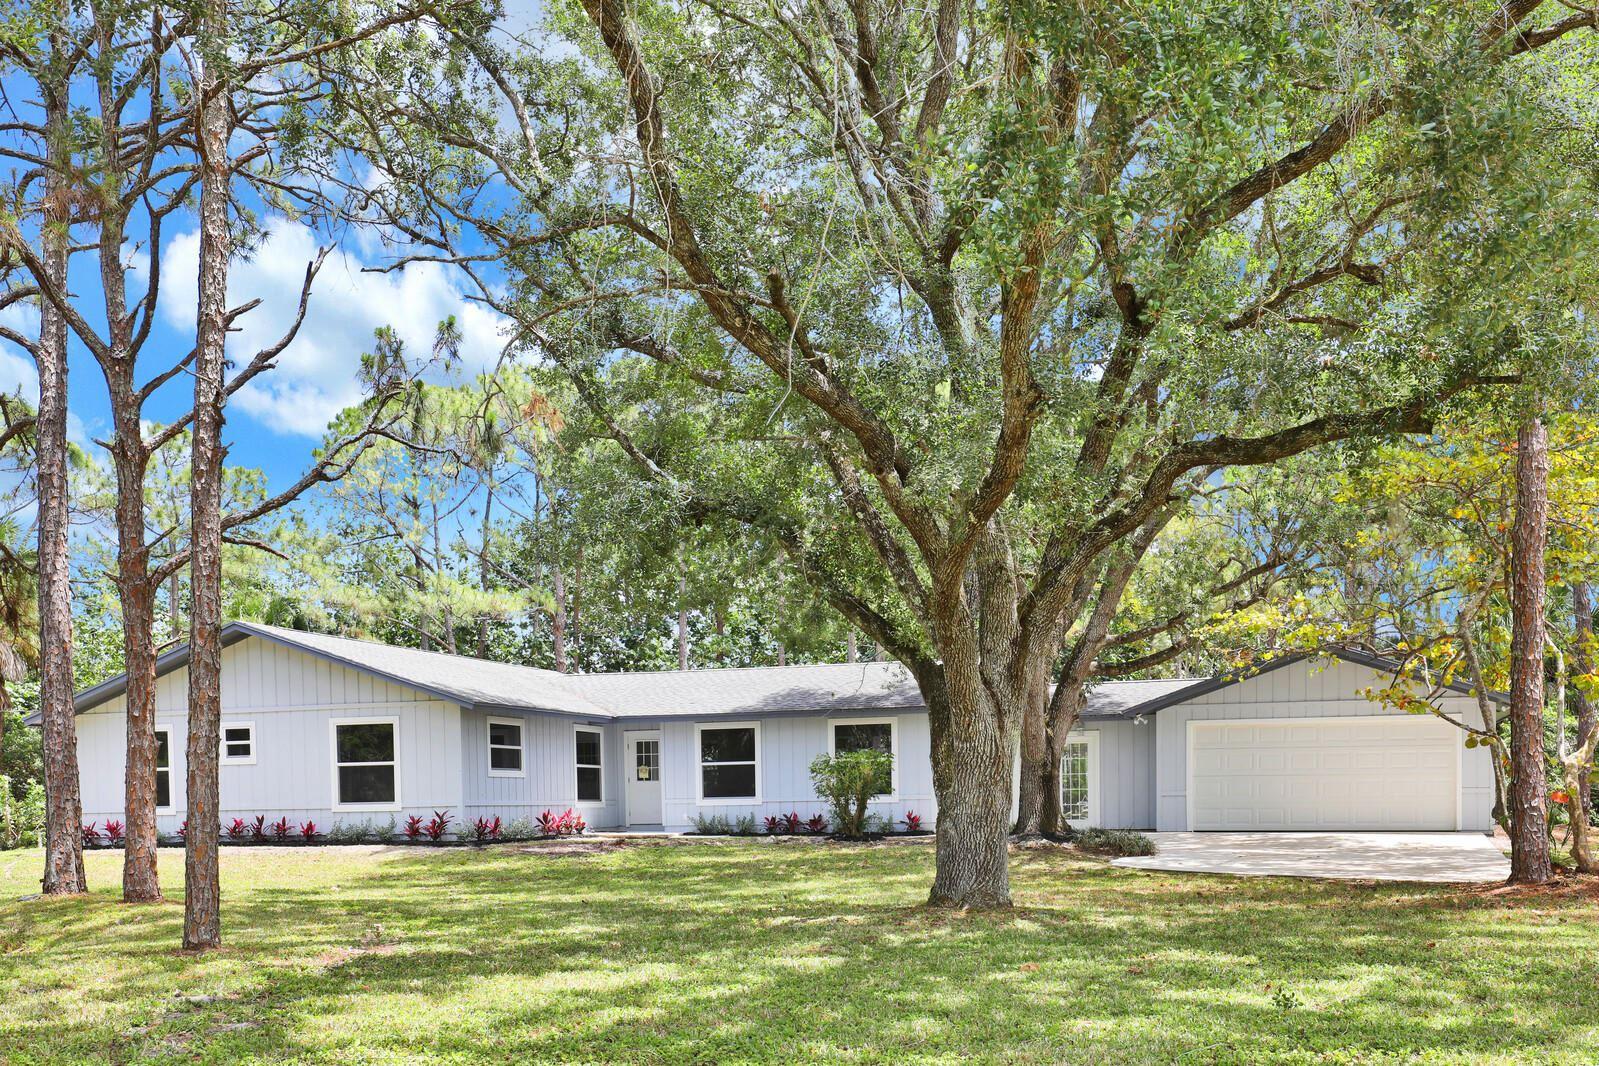 15824 76th Trail N, West Palm Beach, FL 33418 - MLS#: RX-10711907